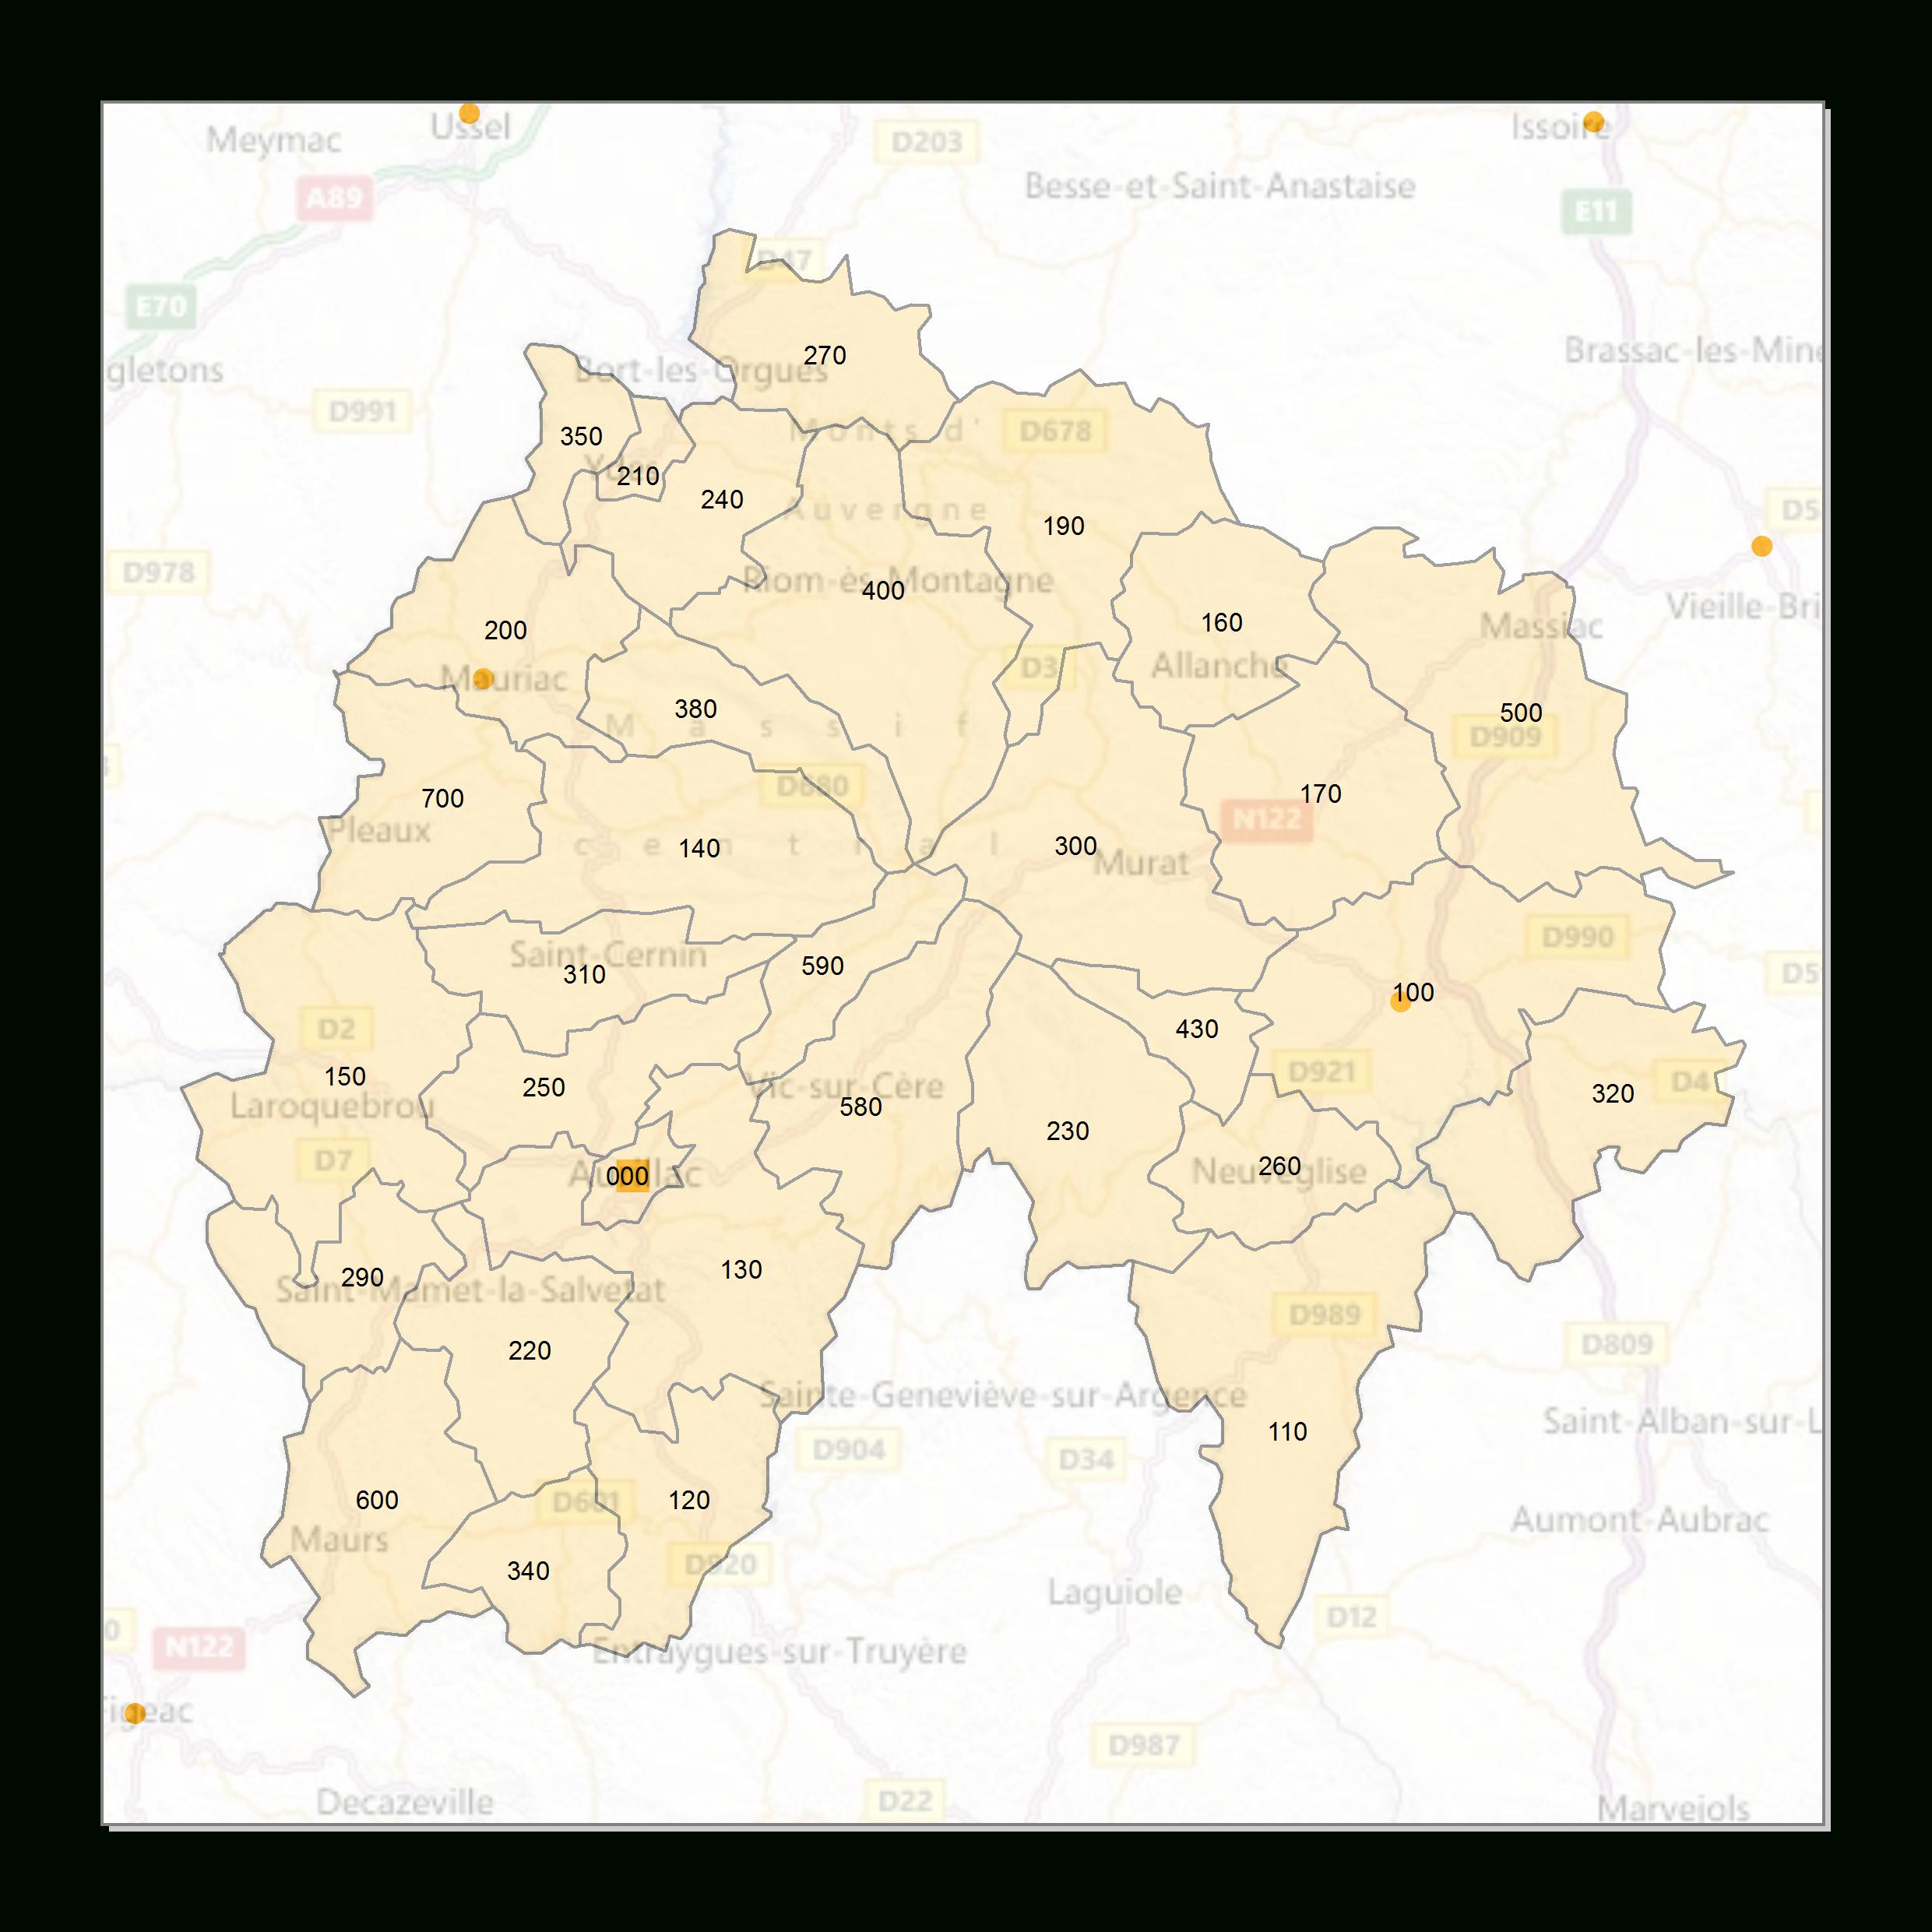 Atlas Des Codes Postaux - Cartes Des Départements De France concernant Carte De France Detaillée Gratuite